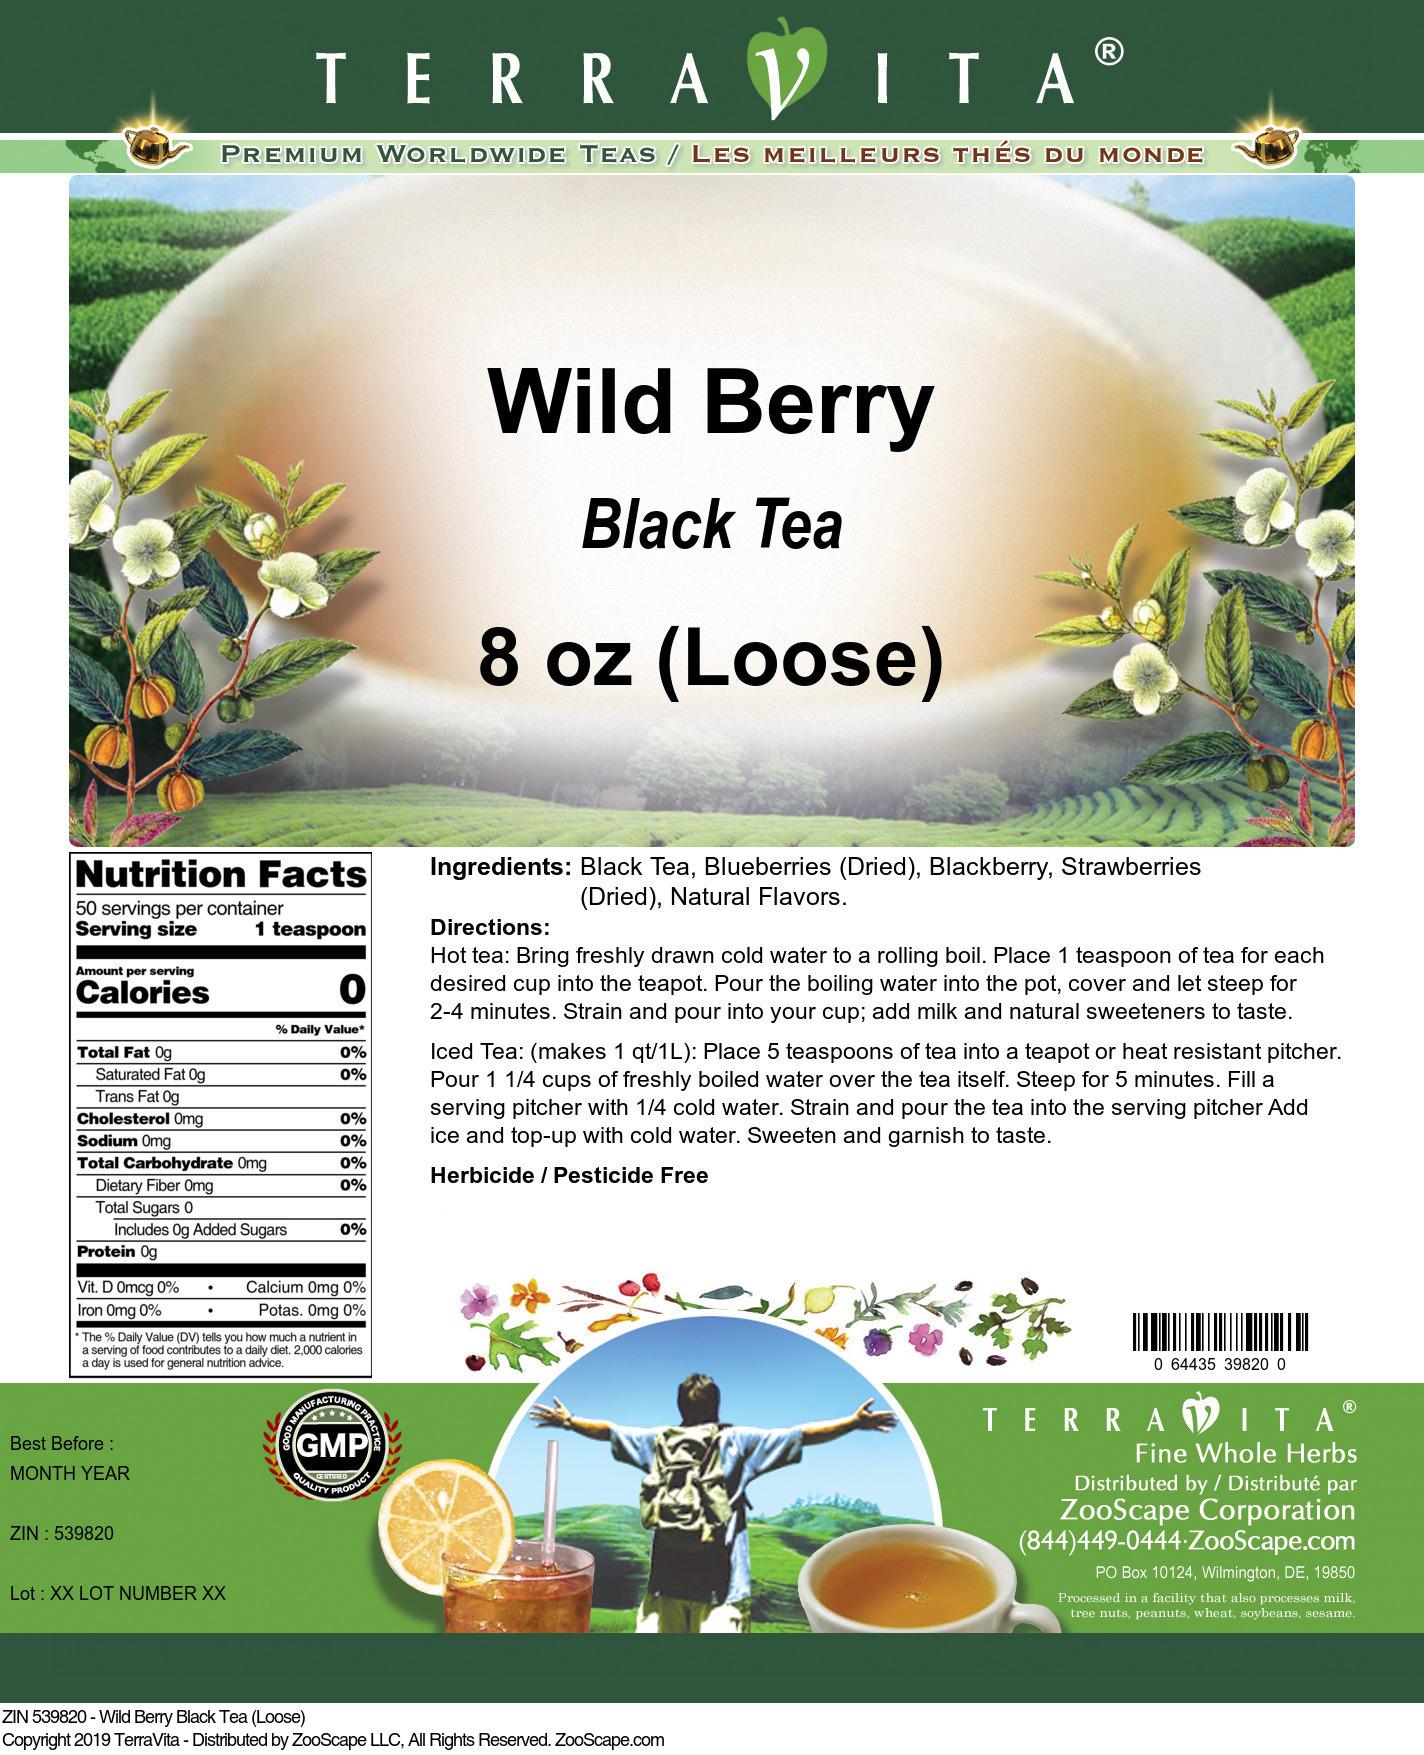 Wild Berry Black Tea